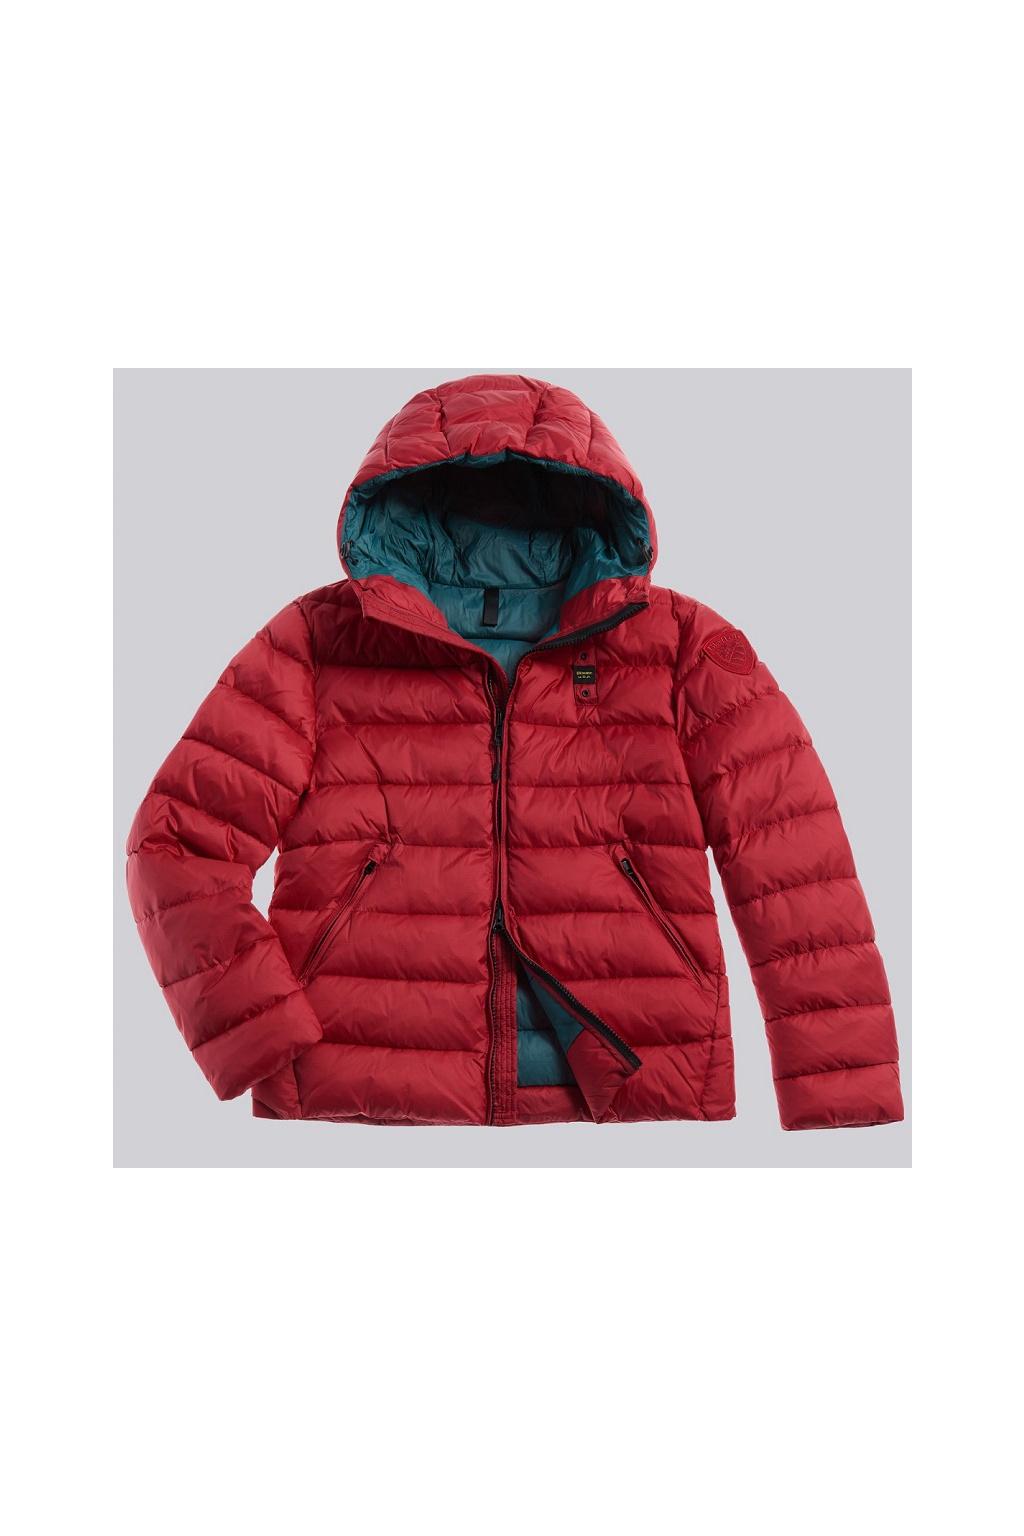 20WBLUC02155 005486 552 Pánská péřová bunda Blauer červená